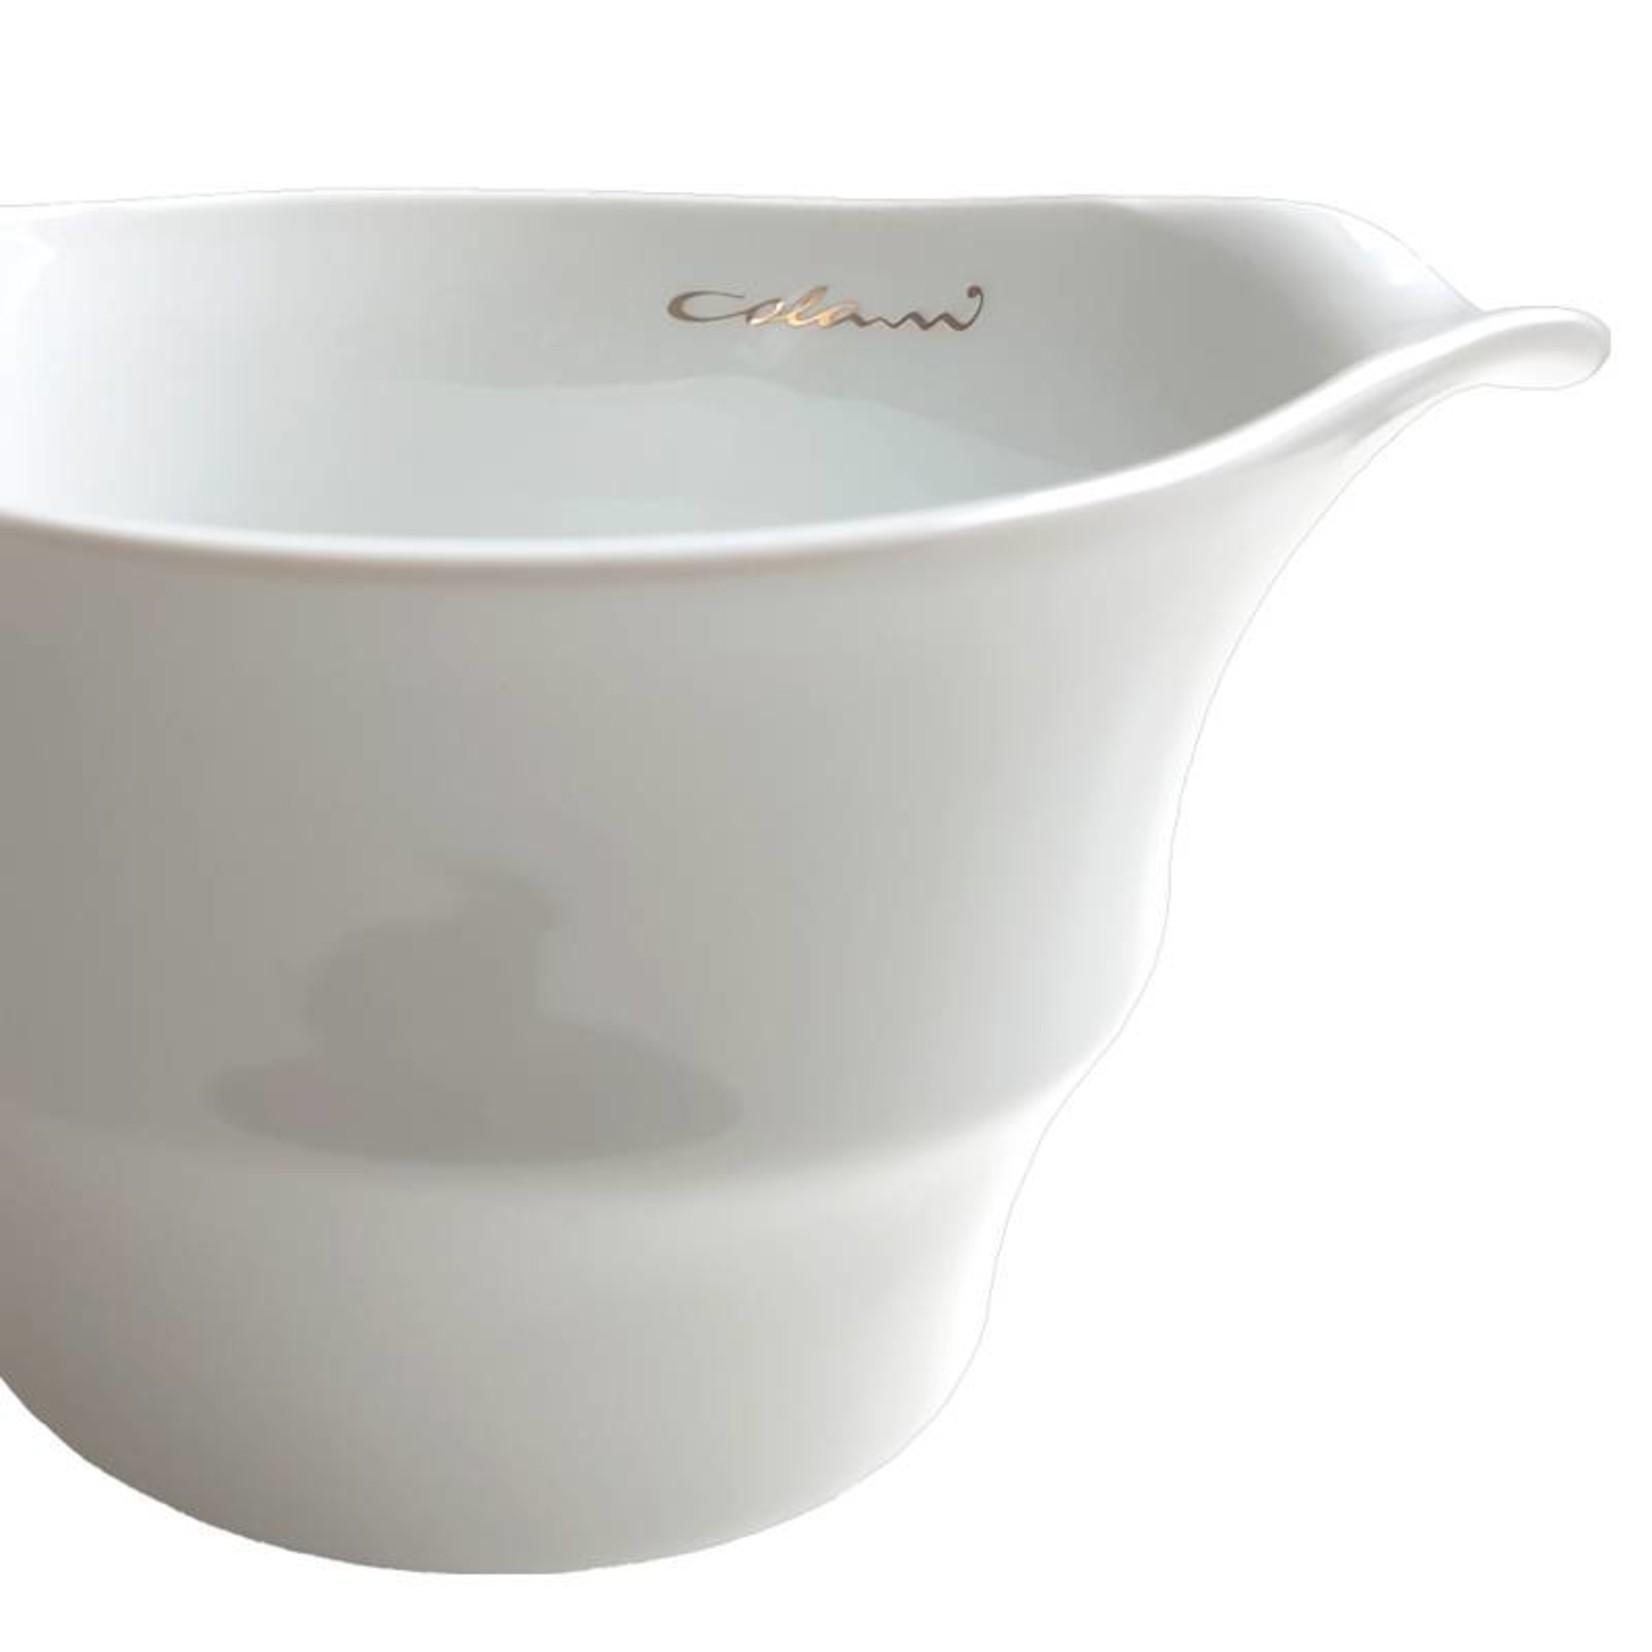 Colani Porzellanserie Colani Müslischale | weiß | Porzellan | Luigi Colani Design